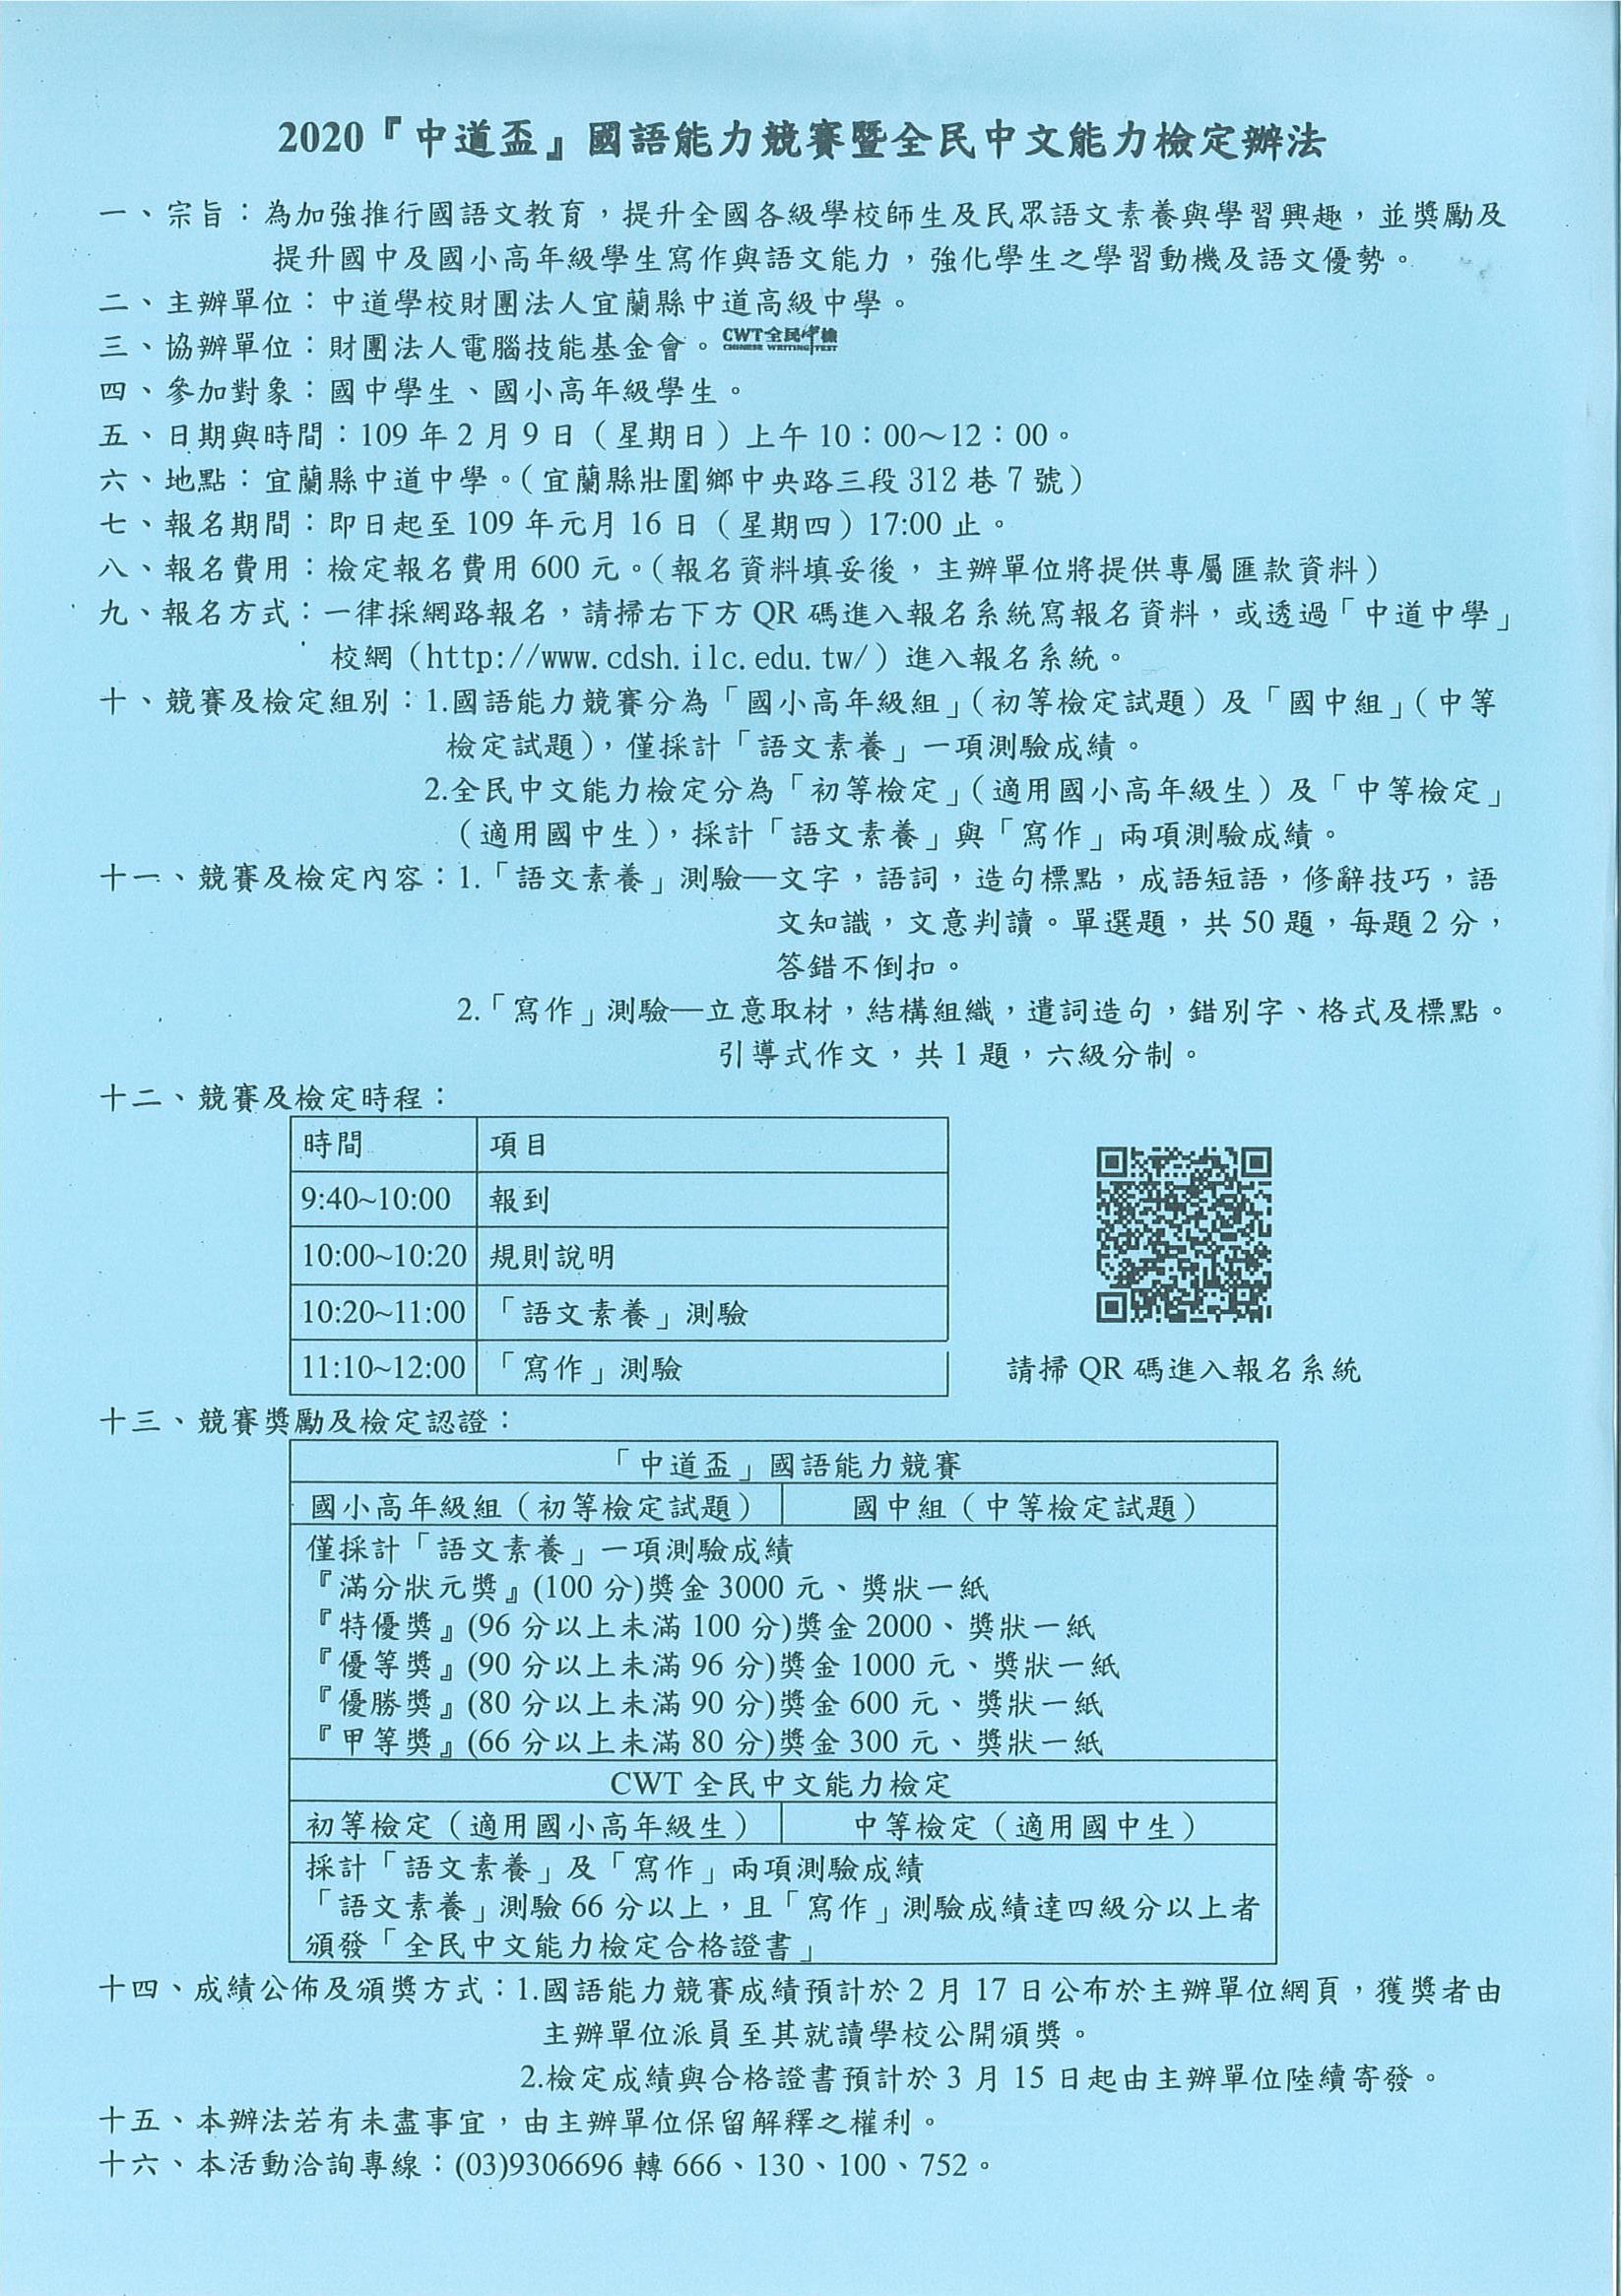 中道中學「全民中檢暨「中道盃』國語文能力競賽」